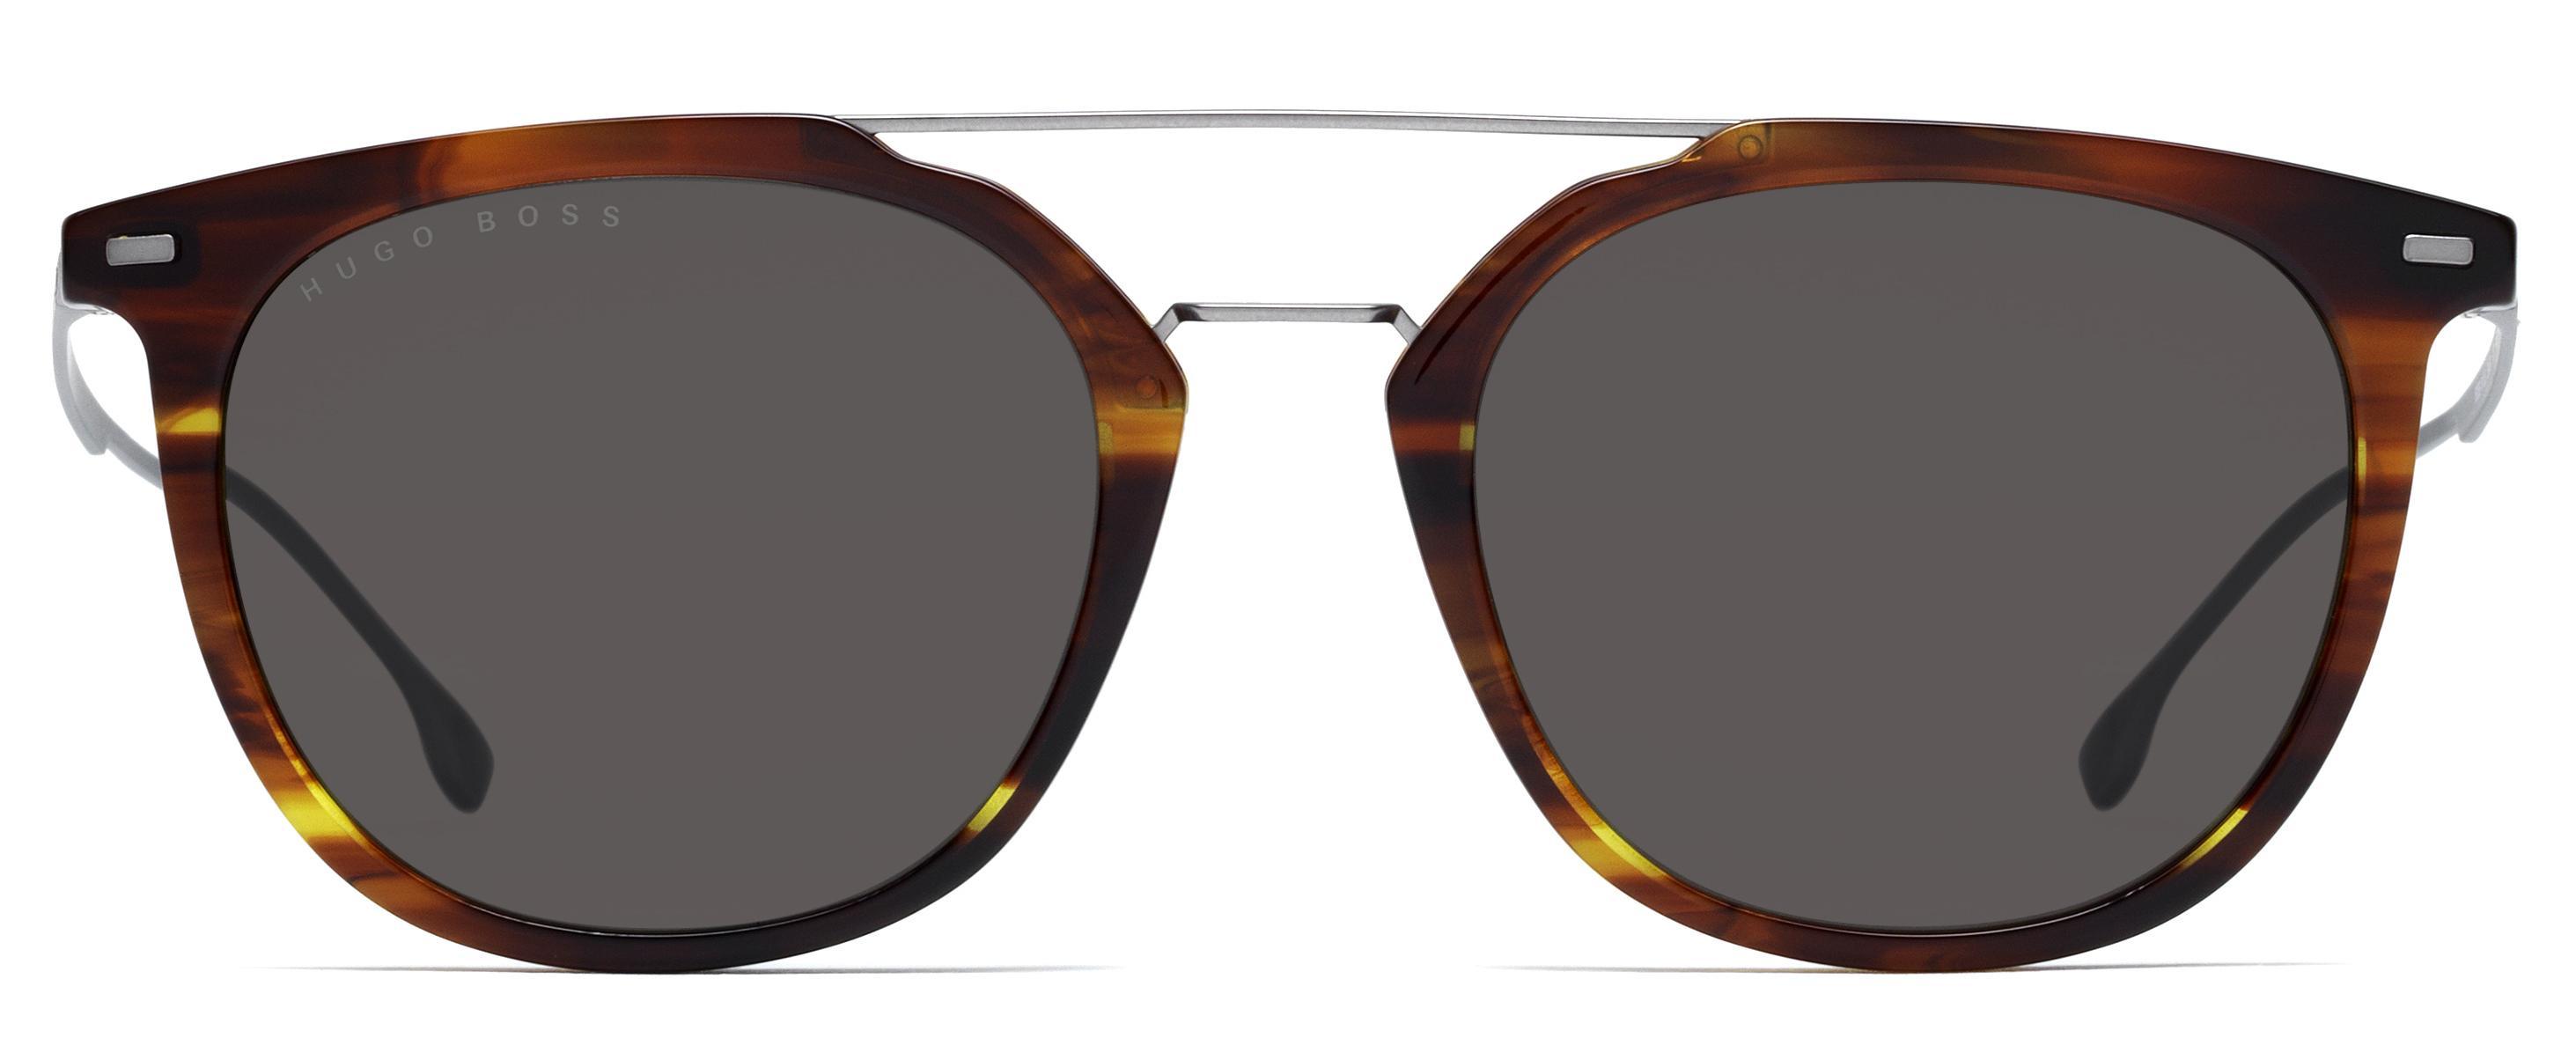 ab48683b6d21 Lyst - BOSS Black Hugo Boss 1013s Men's Round Sunglasses in Brown